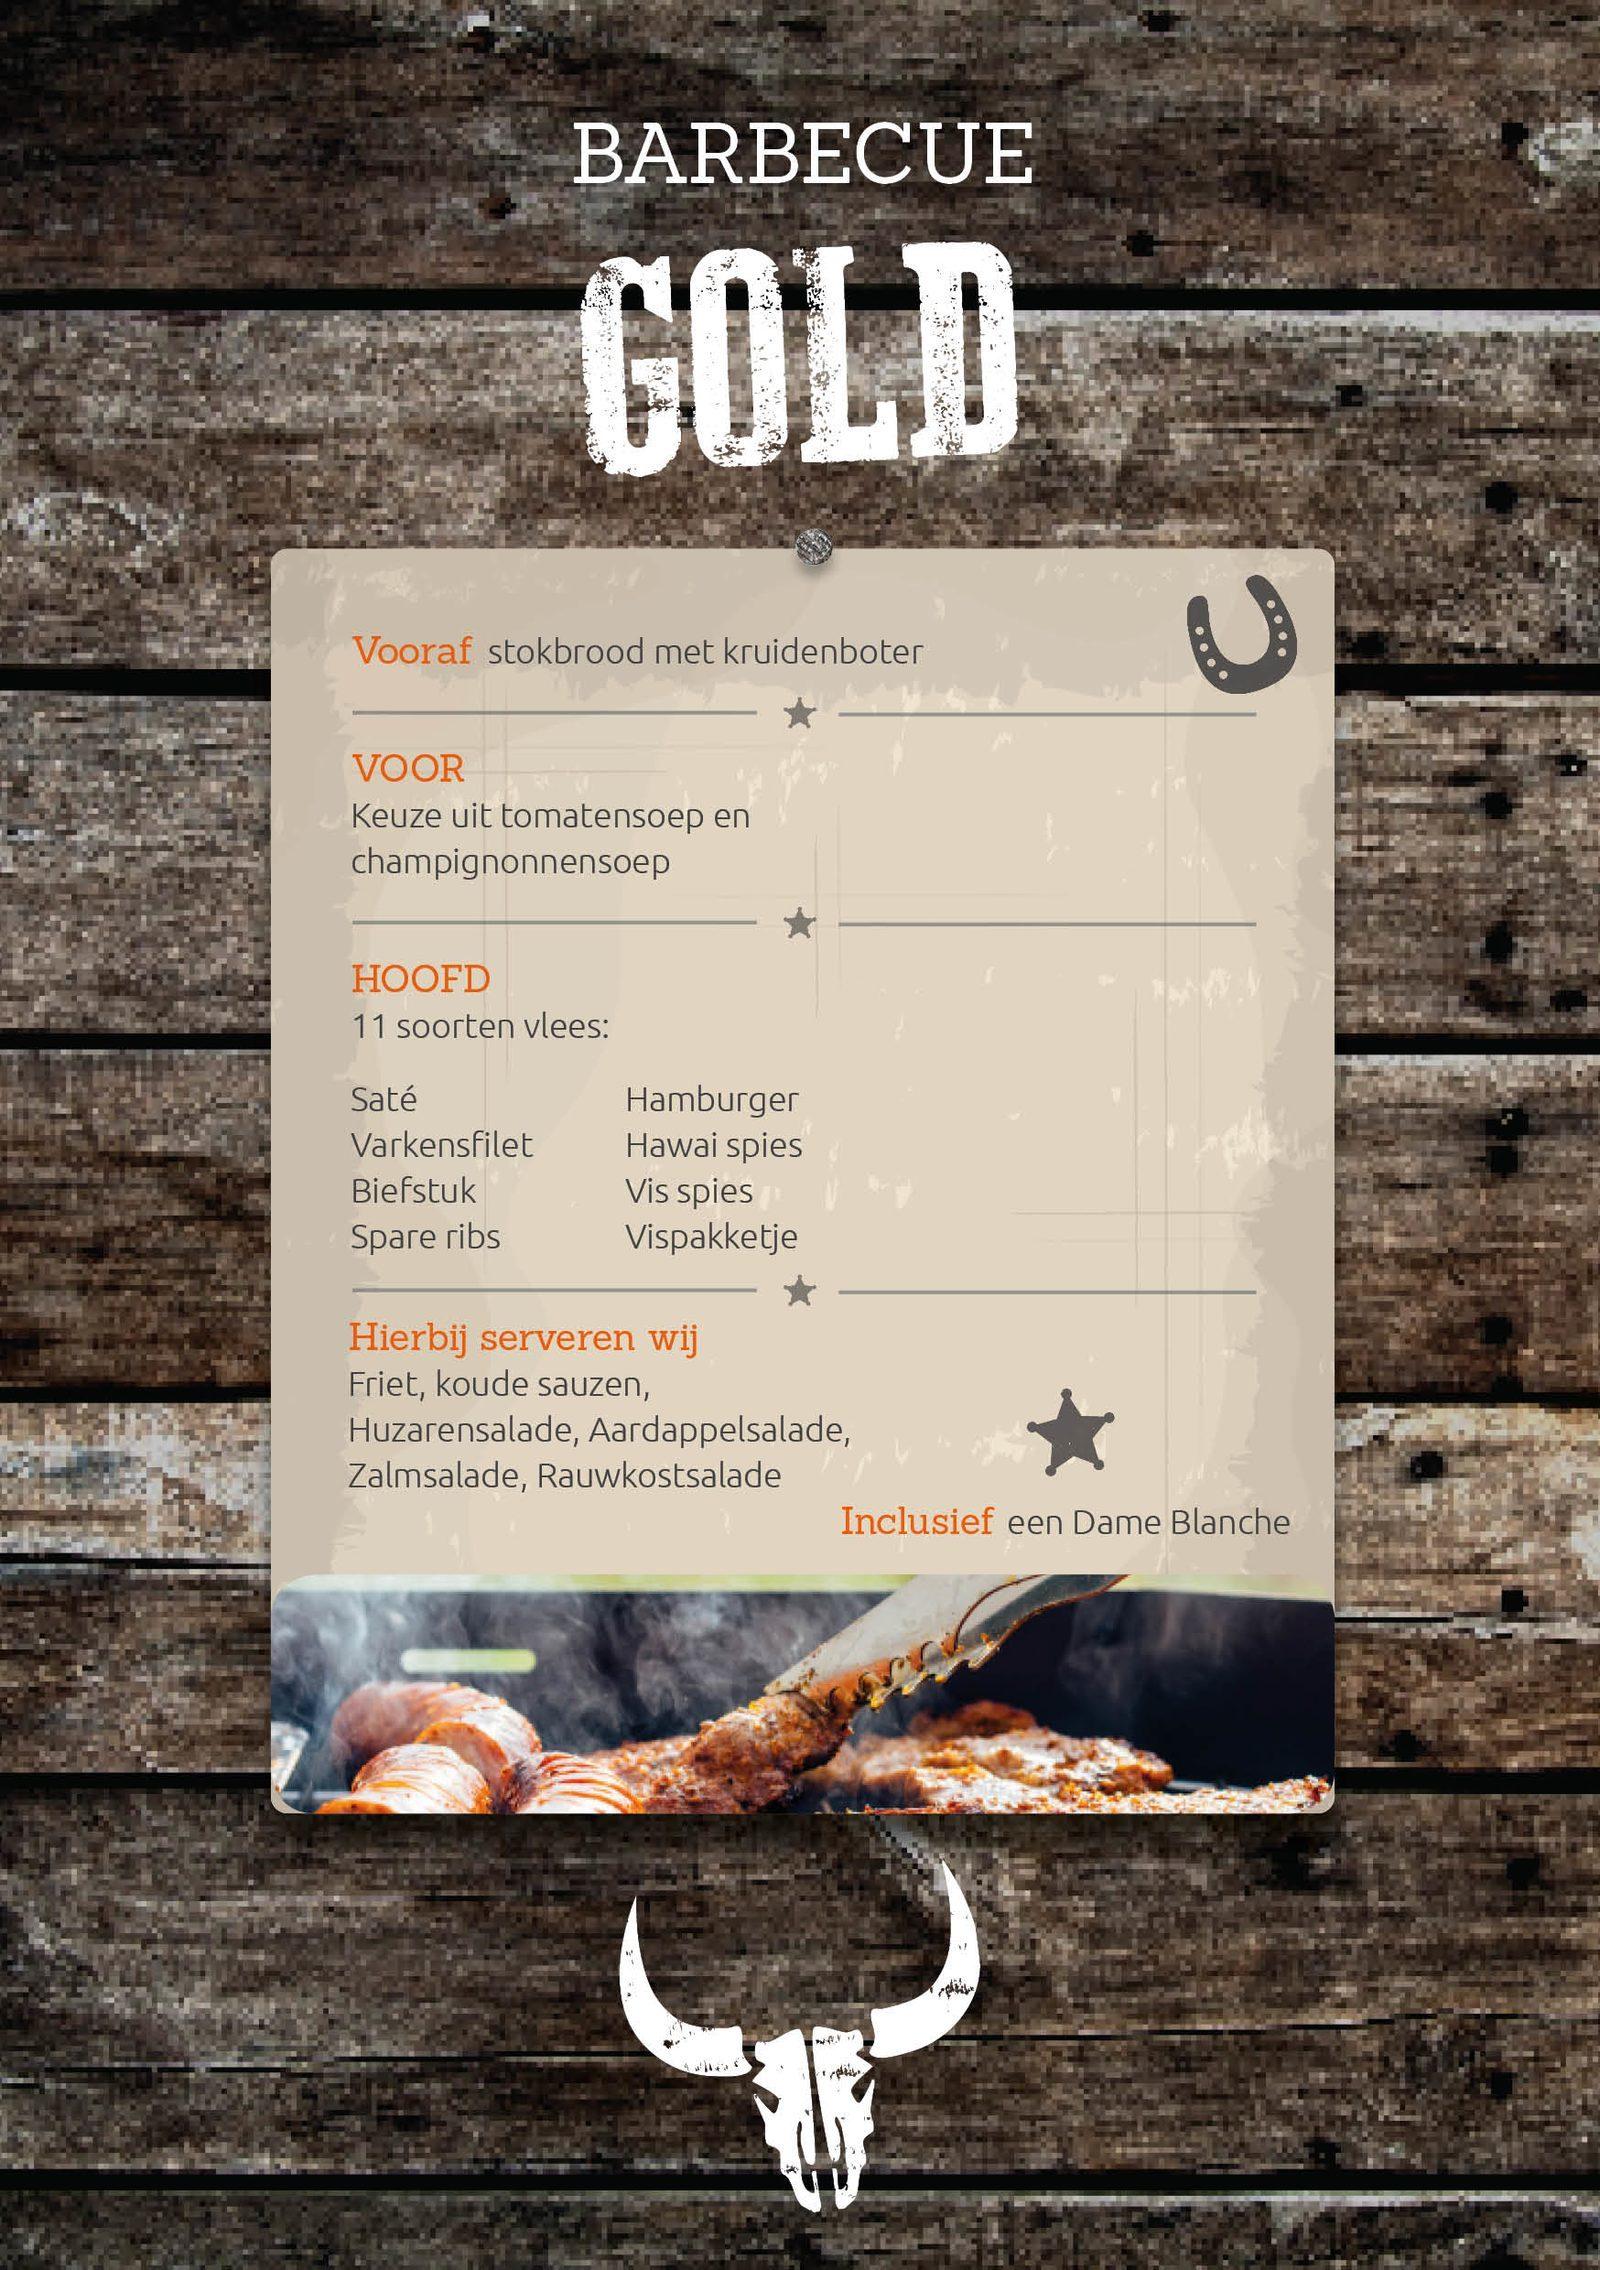 BBQ Gold bij Events op de Veluwe in Voorthuizen